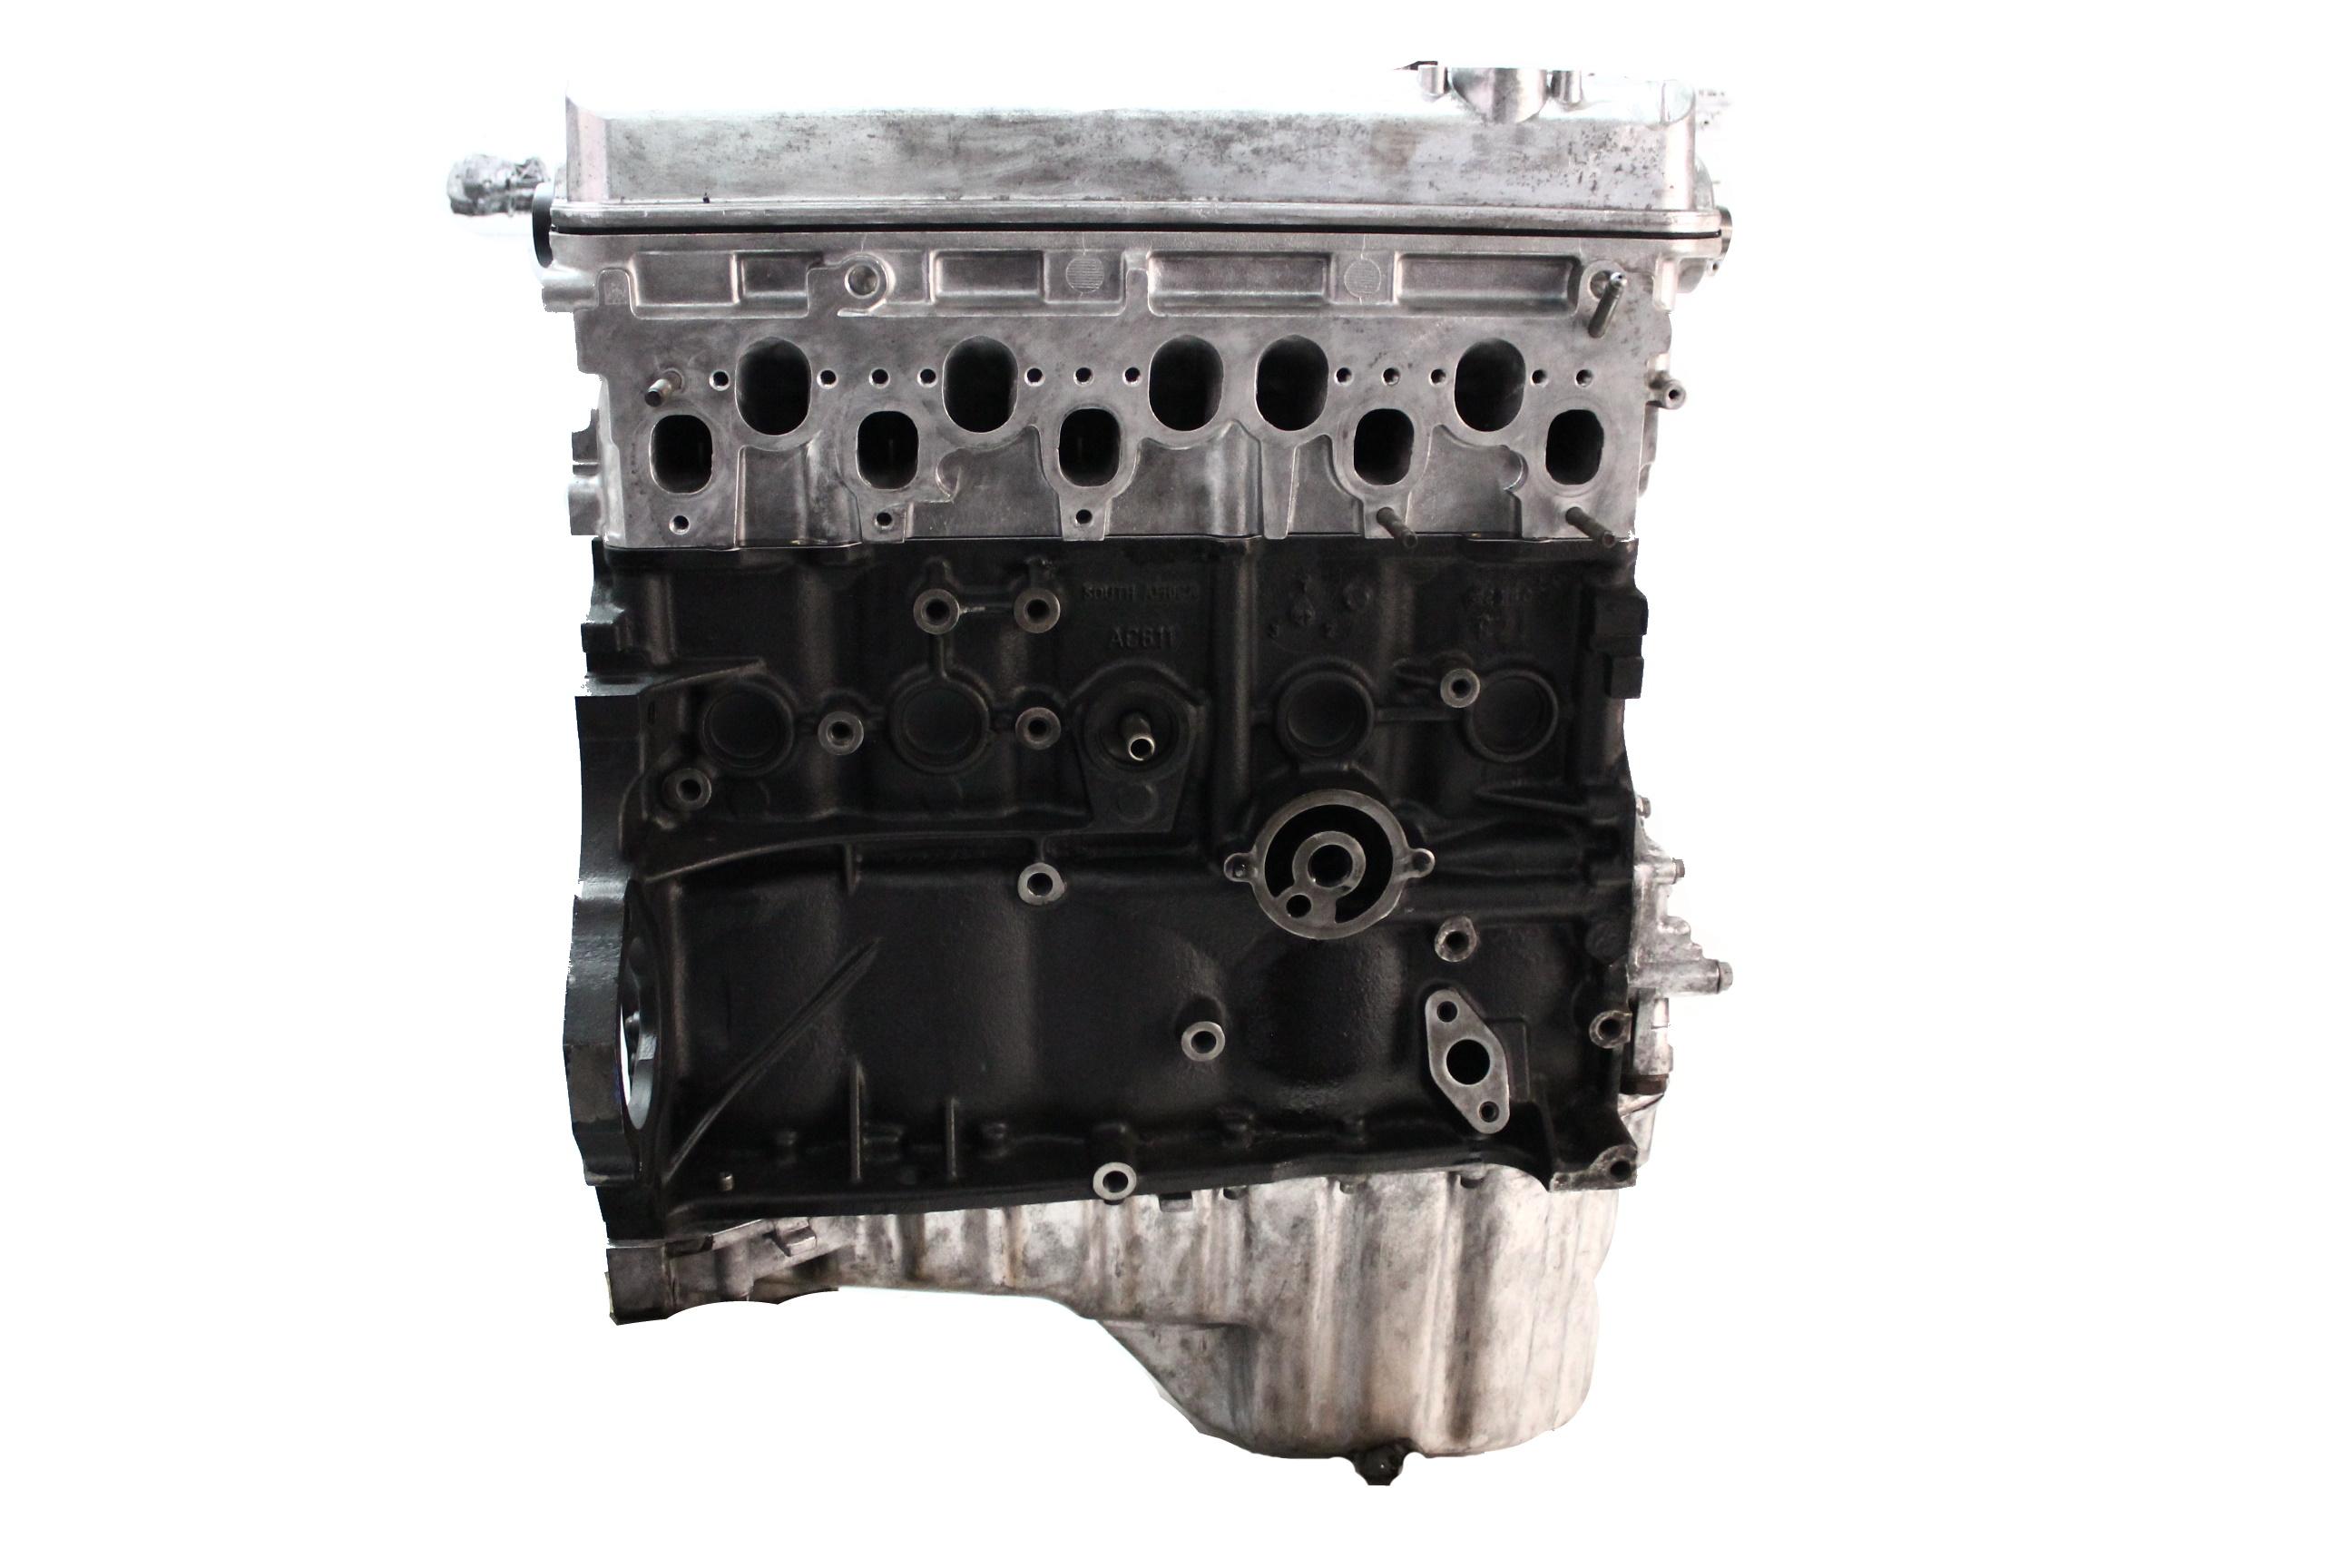 Motor 2010 VW 2,5 TDI Diesel BJK Kolben Dichtungen NEU DE324948